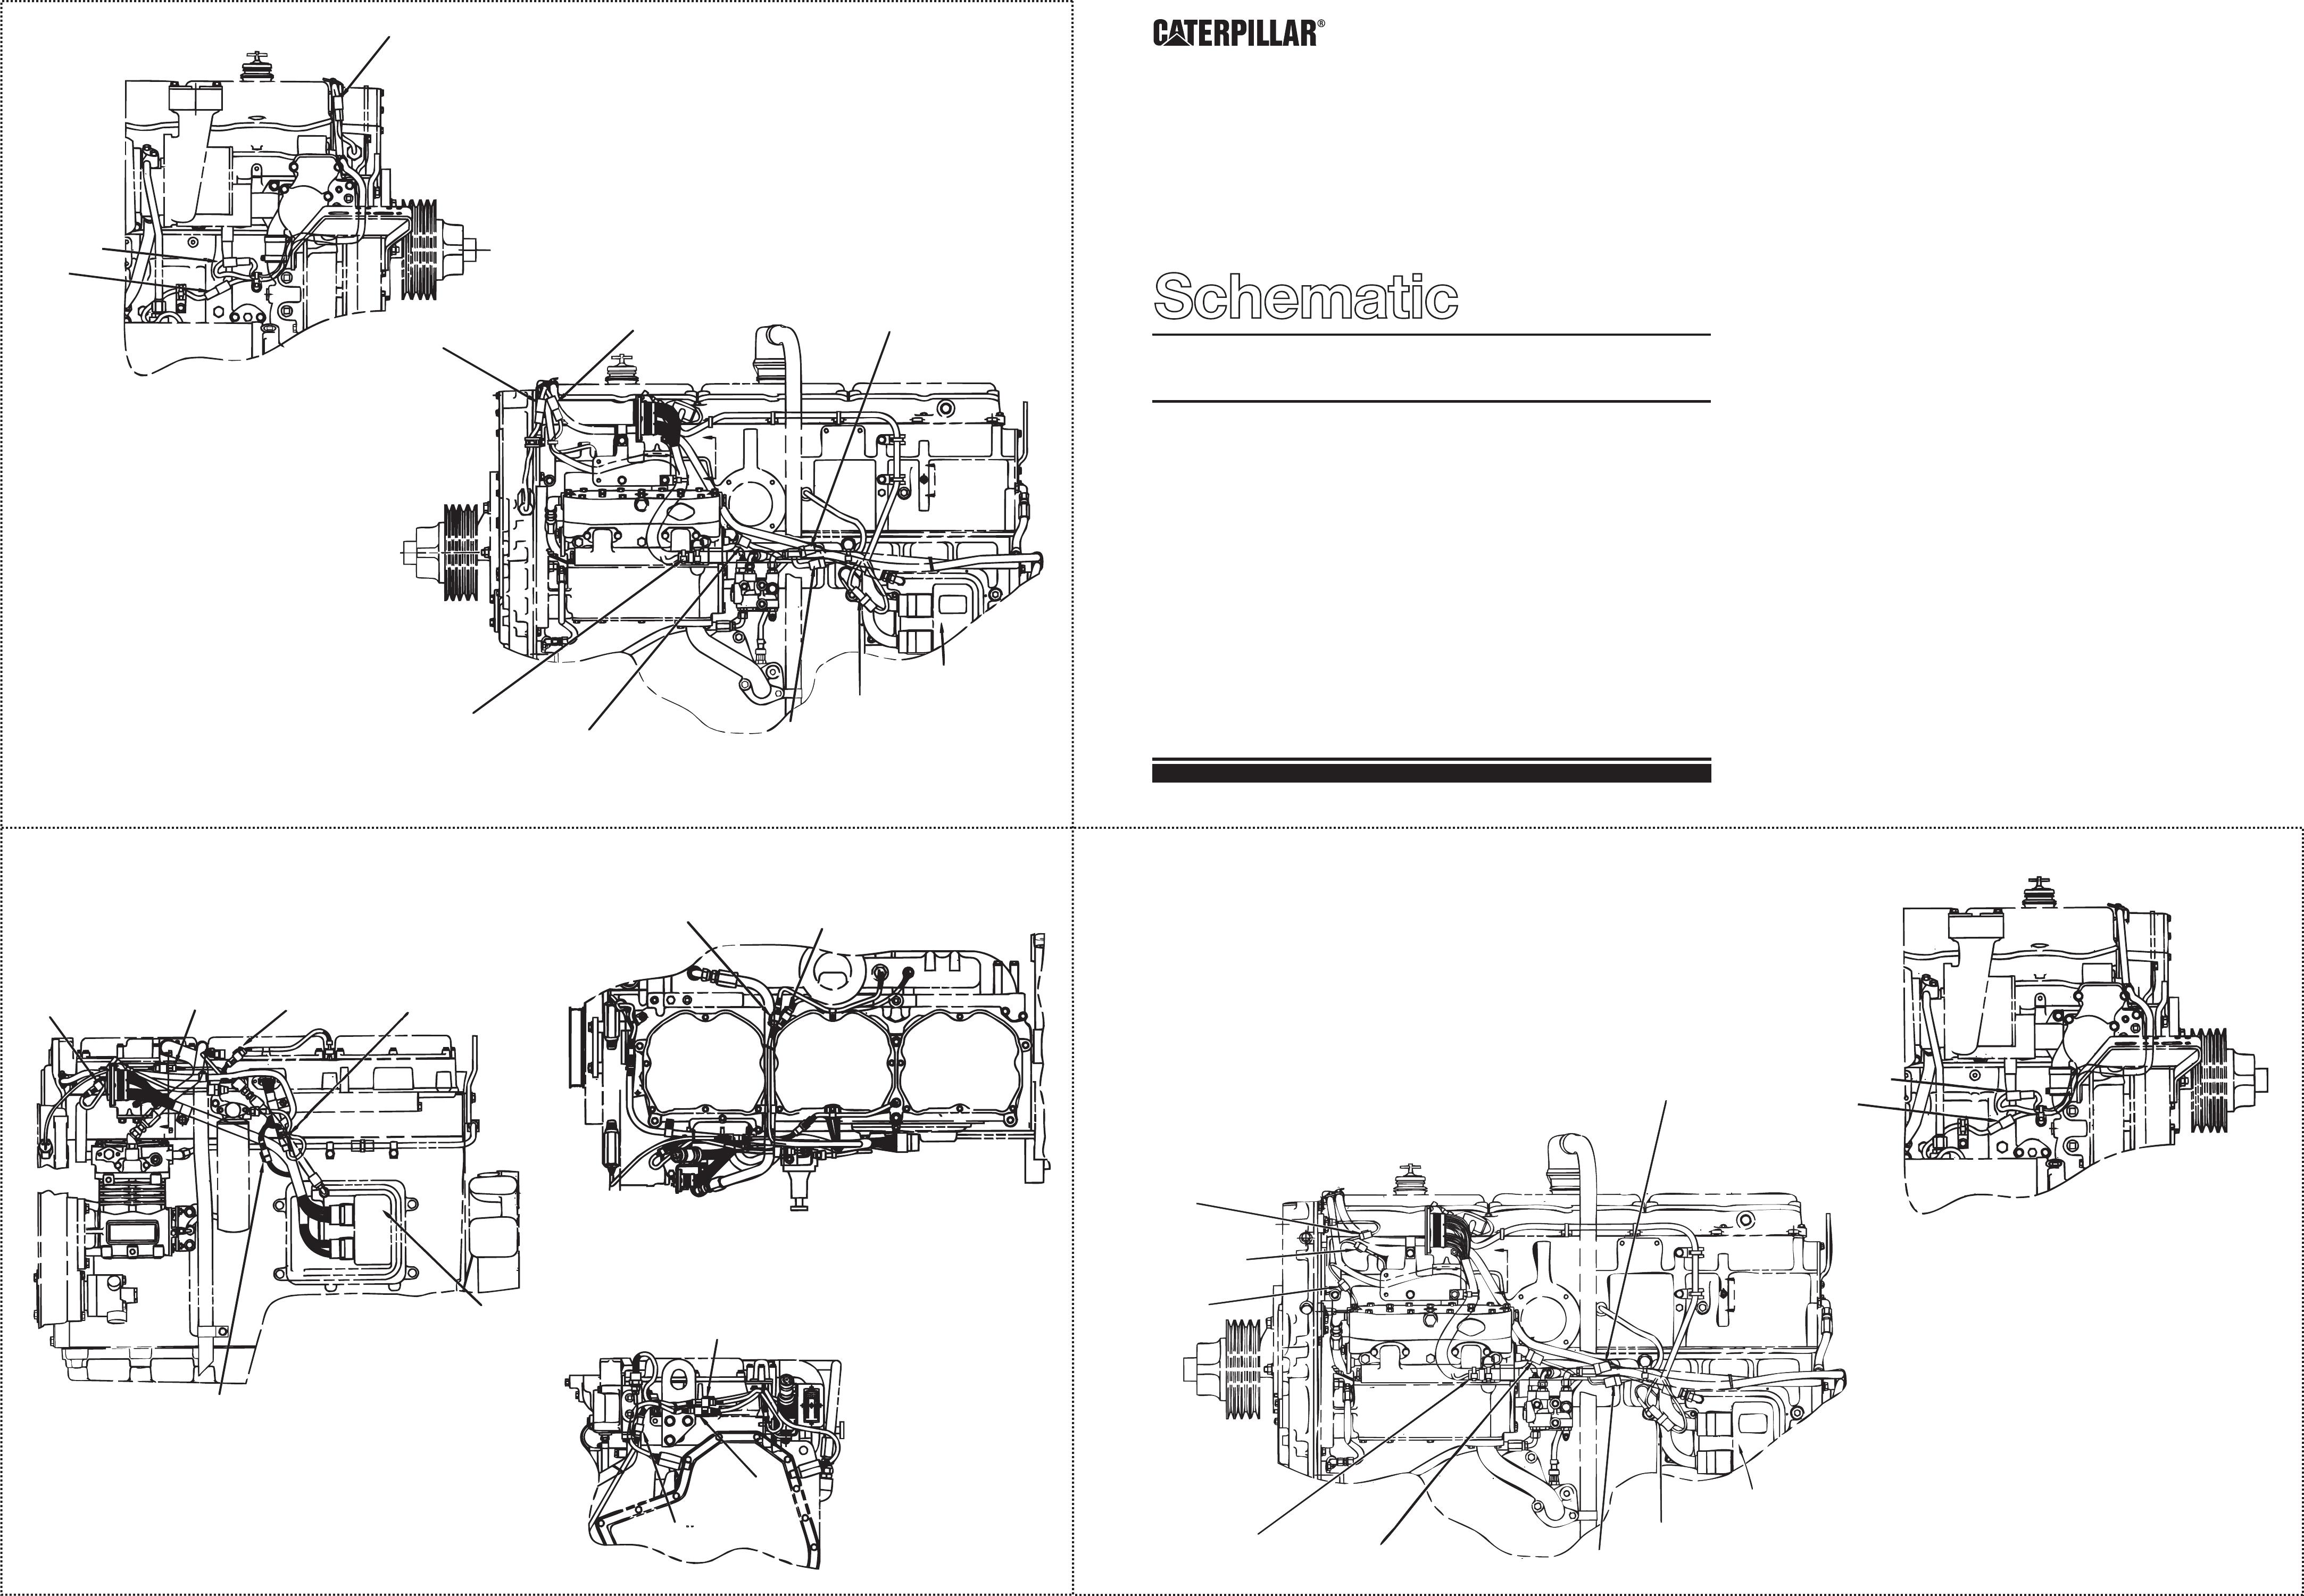 3176c, 3196, 3406e & 3456 industrial engines – schematic | cat machines electrical  schematic  cat machines electrical schematic